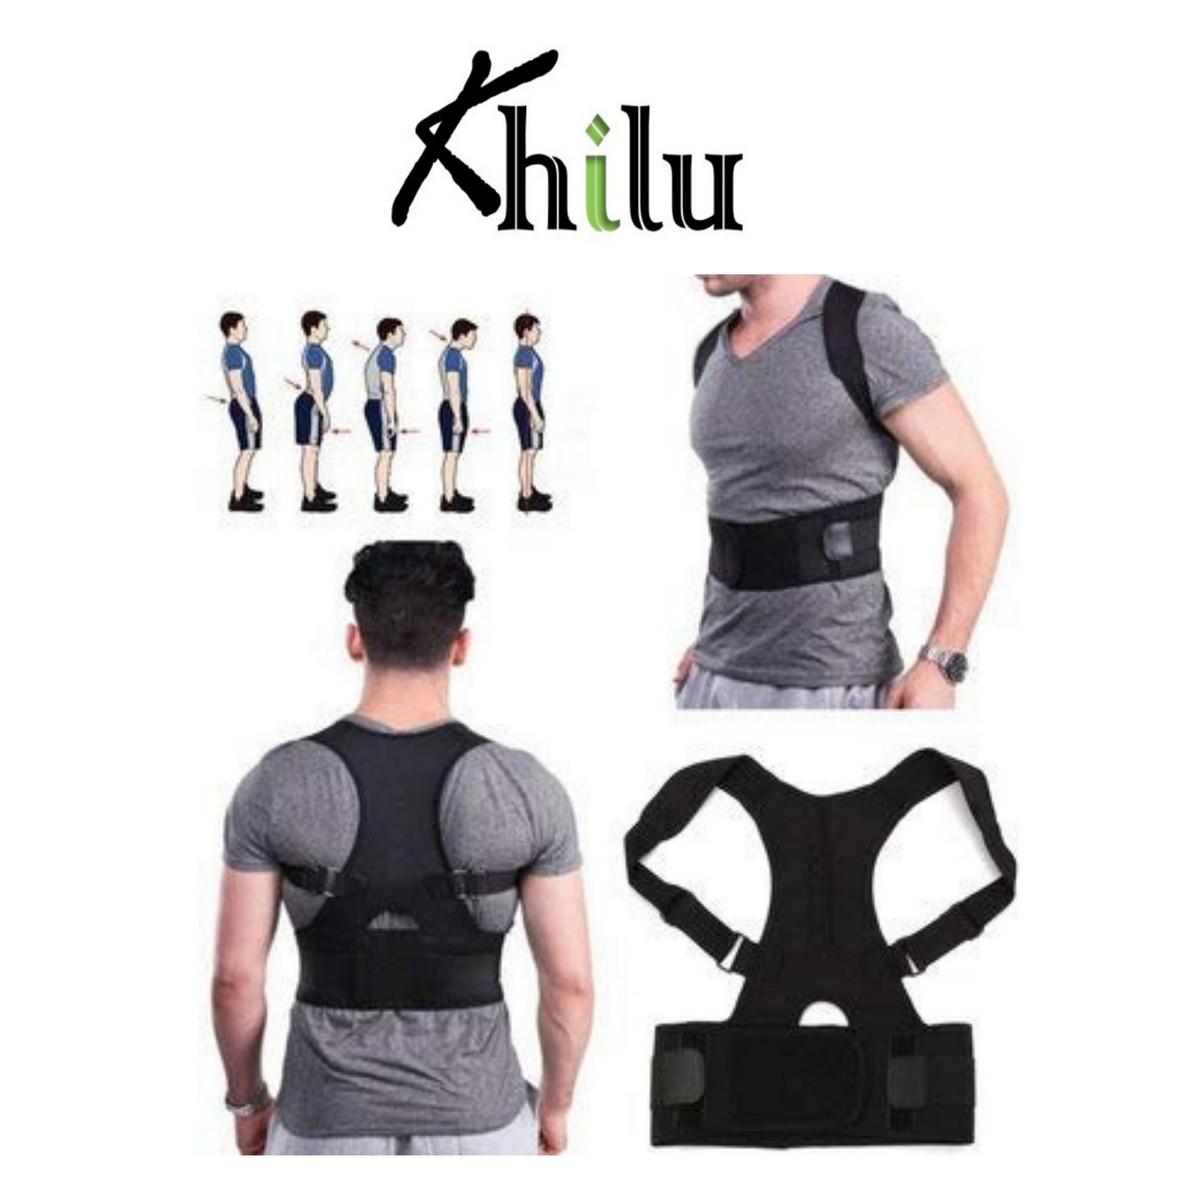 Posture Corrector Belt Real Doctor Full Back Posture Support Clavicle Spine Shoulder Brace Adjustable Back Pain Reliever for both Men and Women